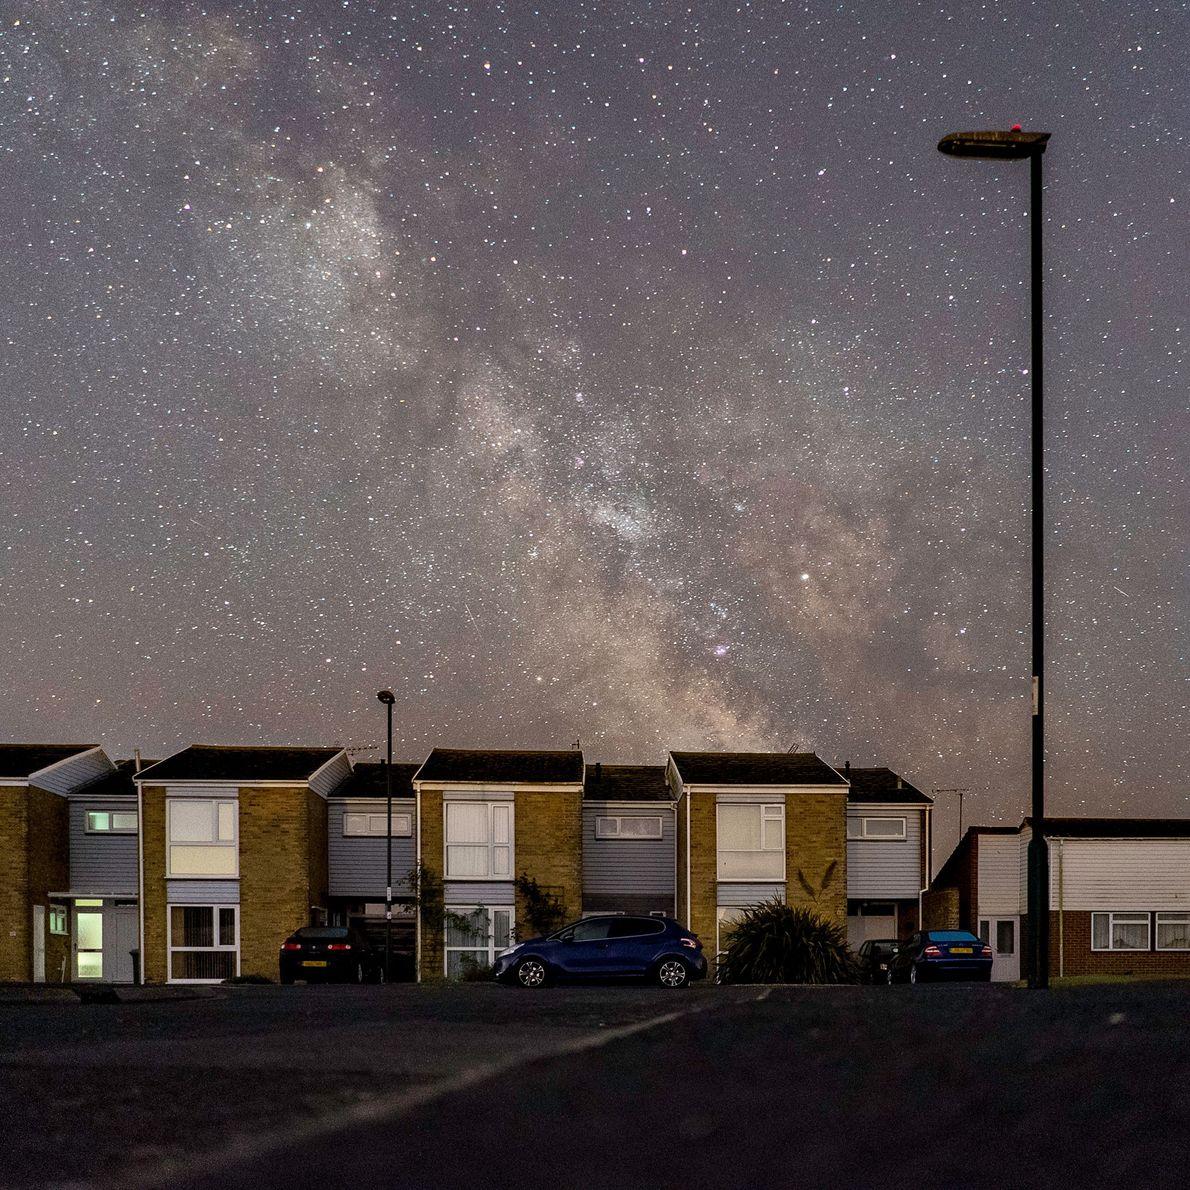 Candeeiros de rua apagados revelam uma vista espetacular das estrelas sobre a vila costeira de Pagham ...